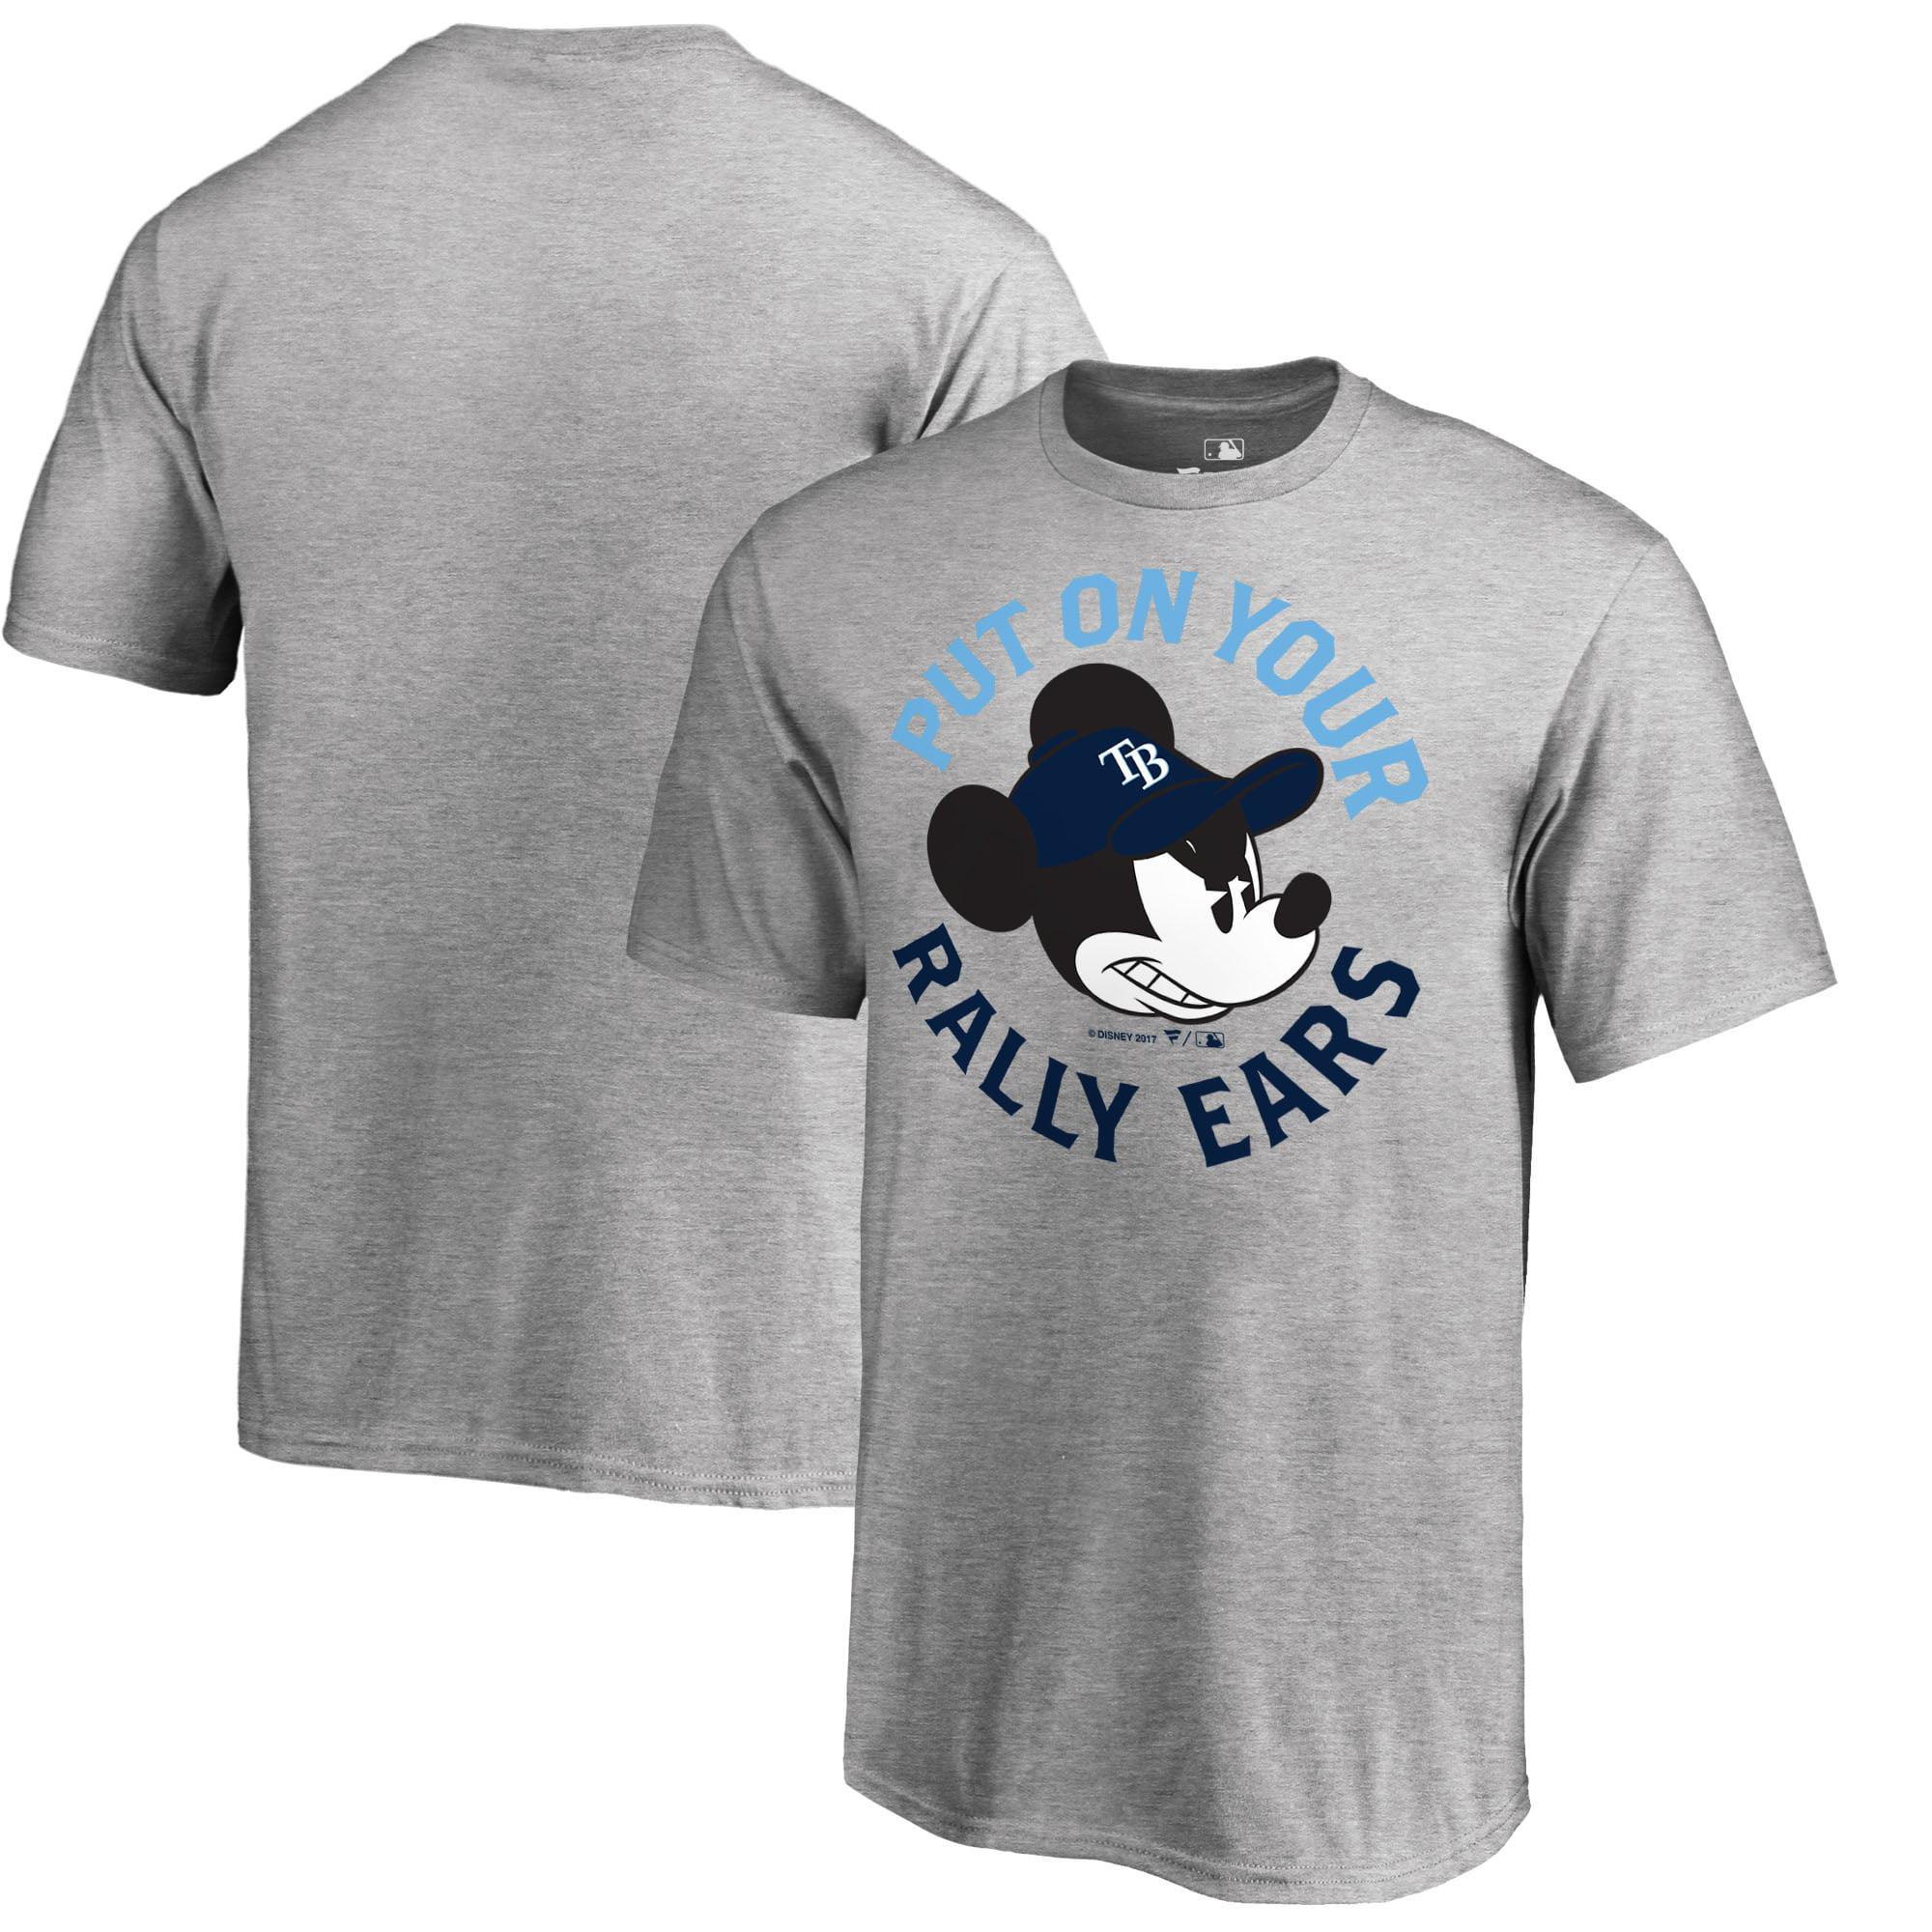 Tampa Bay Rays Fanatics Branded Youth Disney Rally Ears T-Shirt - Heathered Gray